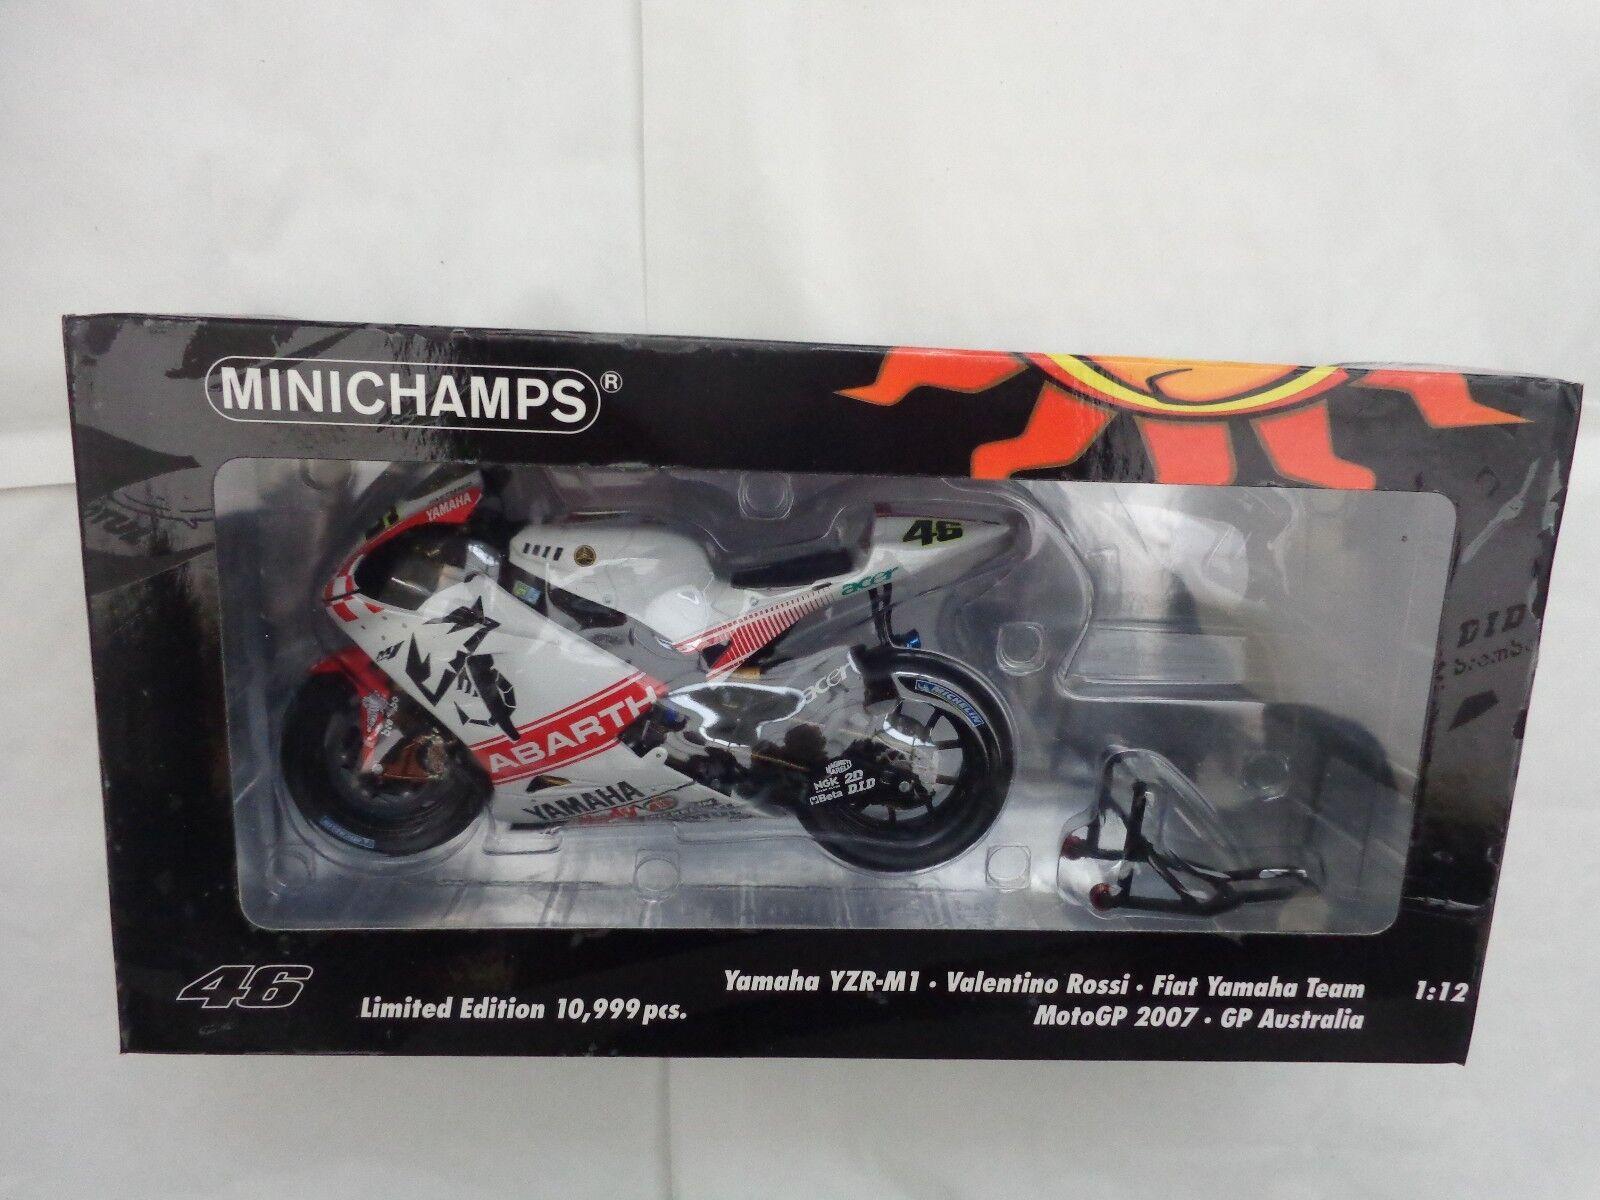 Minichamps 1 12 Valentino Rossi Yamaha  YZR-M1 Australia GP 2007 Moto GP Bike  à vendre